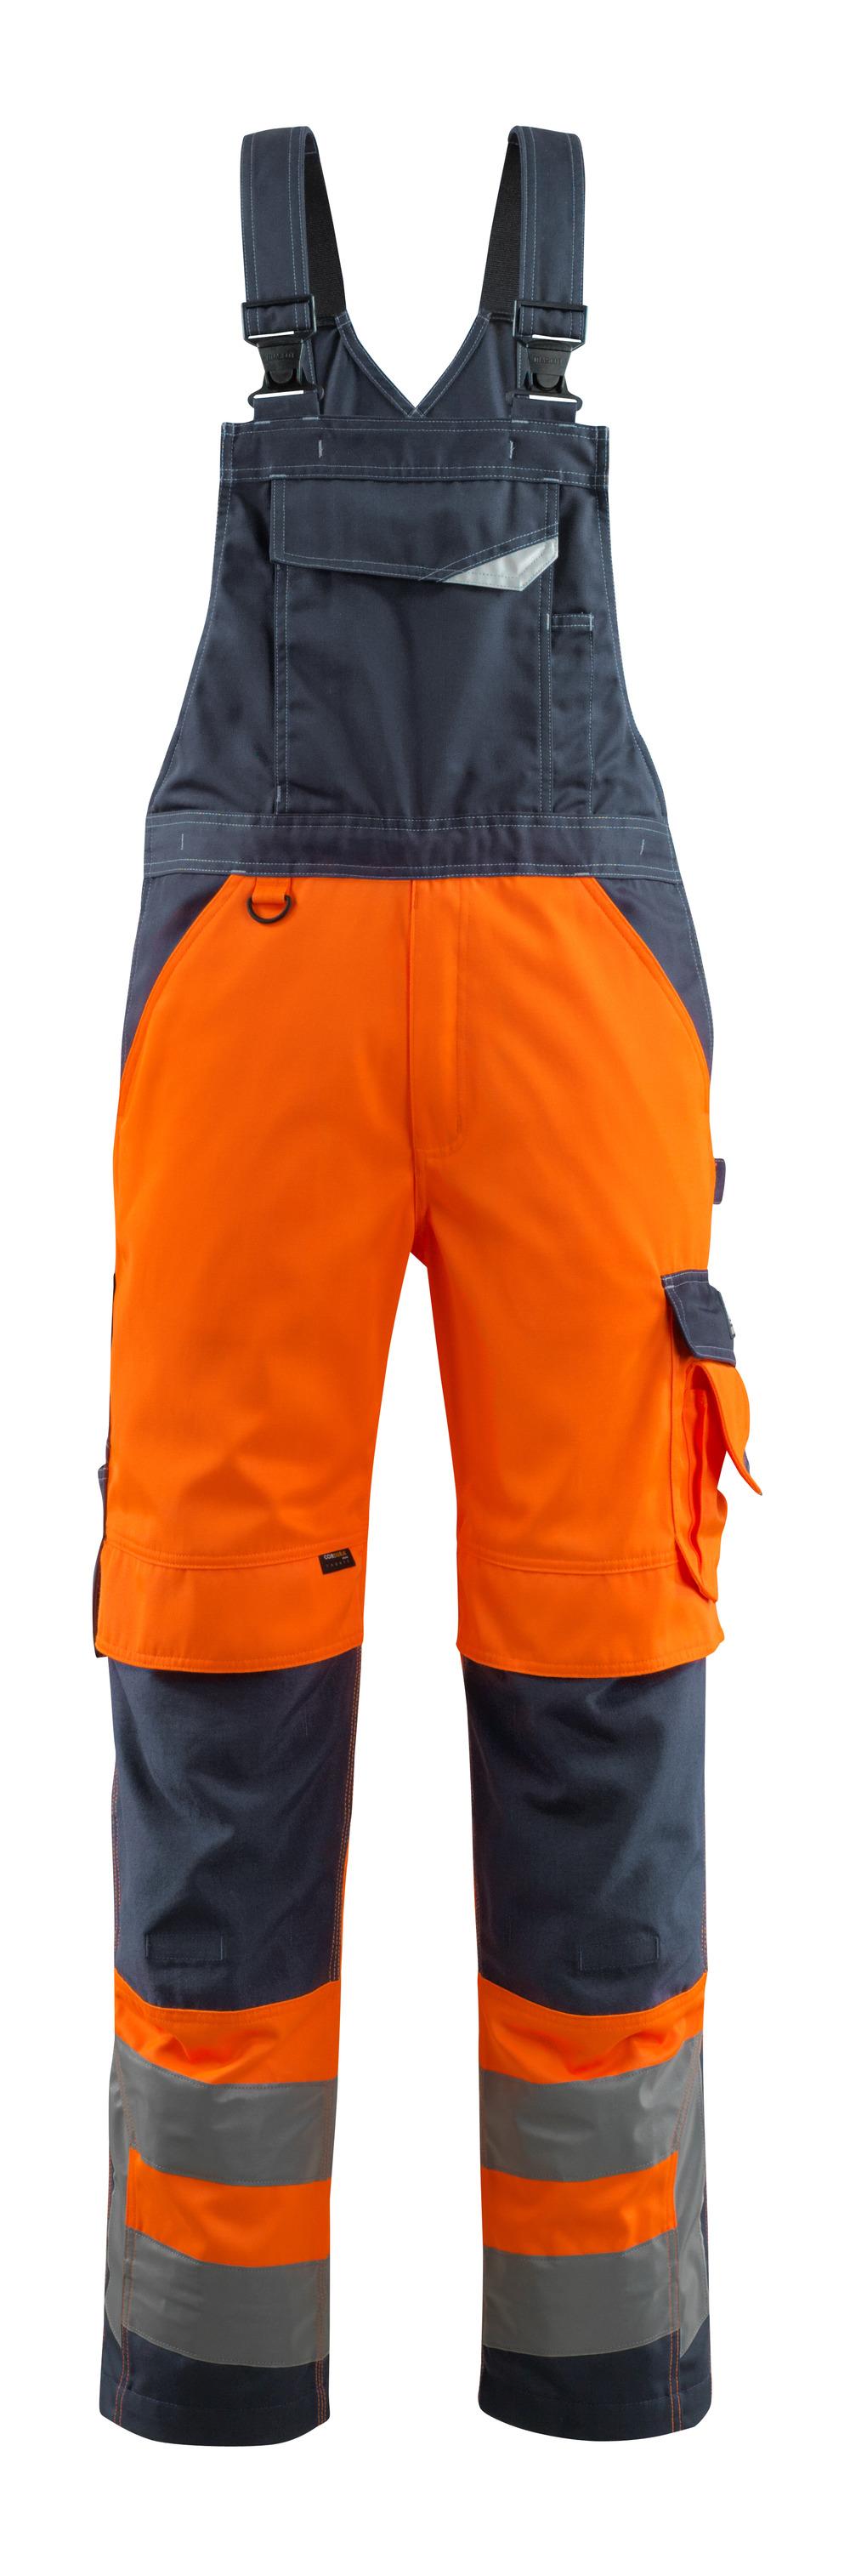 15569-860-14010 Peto con bolsillos para rodilleras - naranja de alta vis./azul marino oscuro